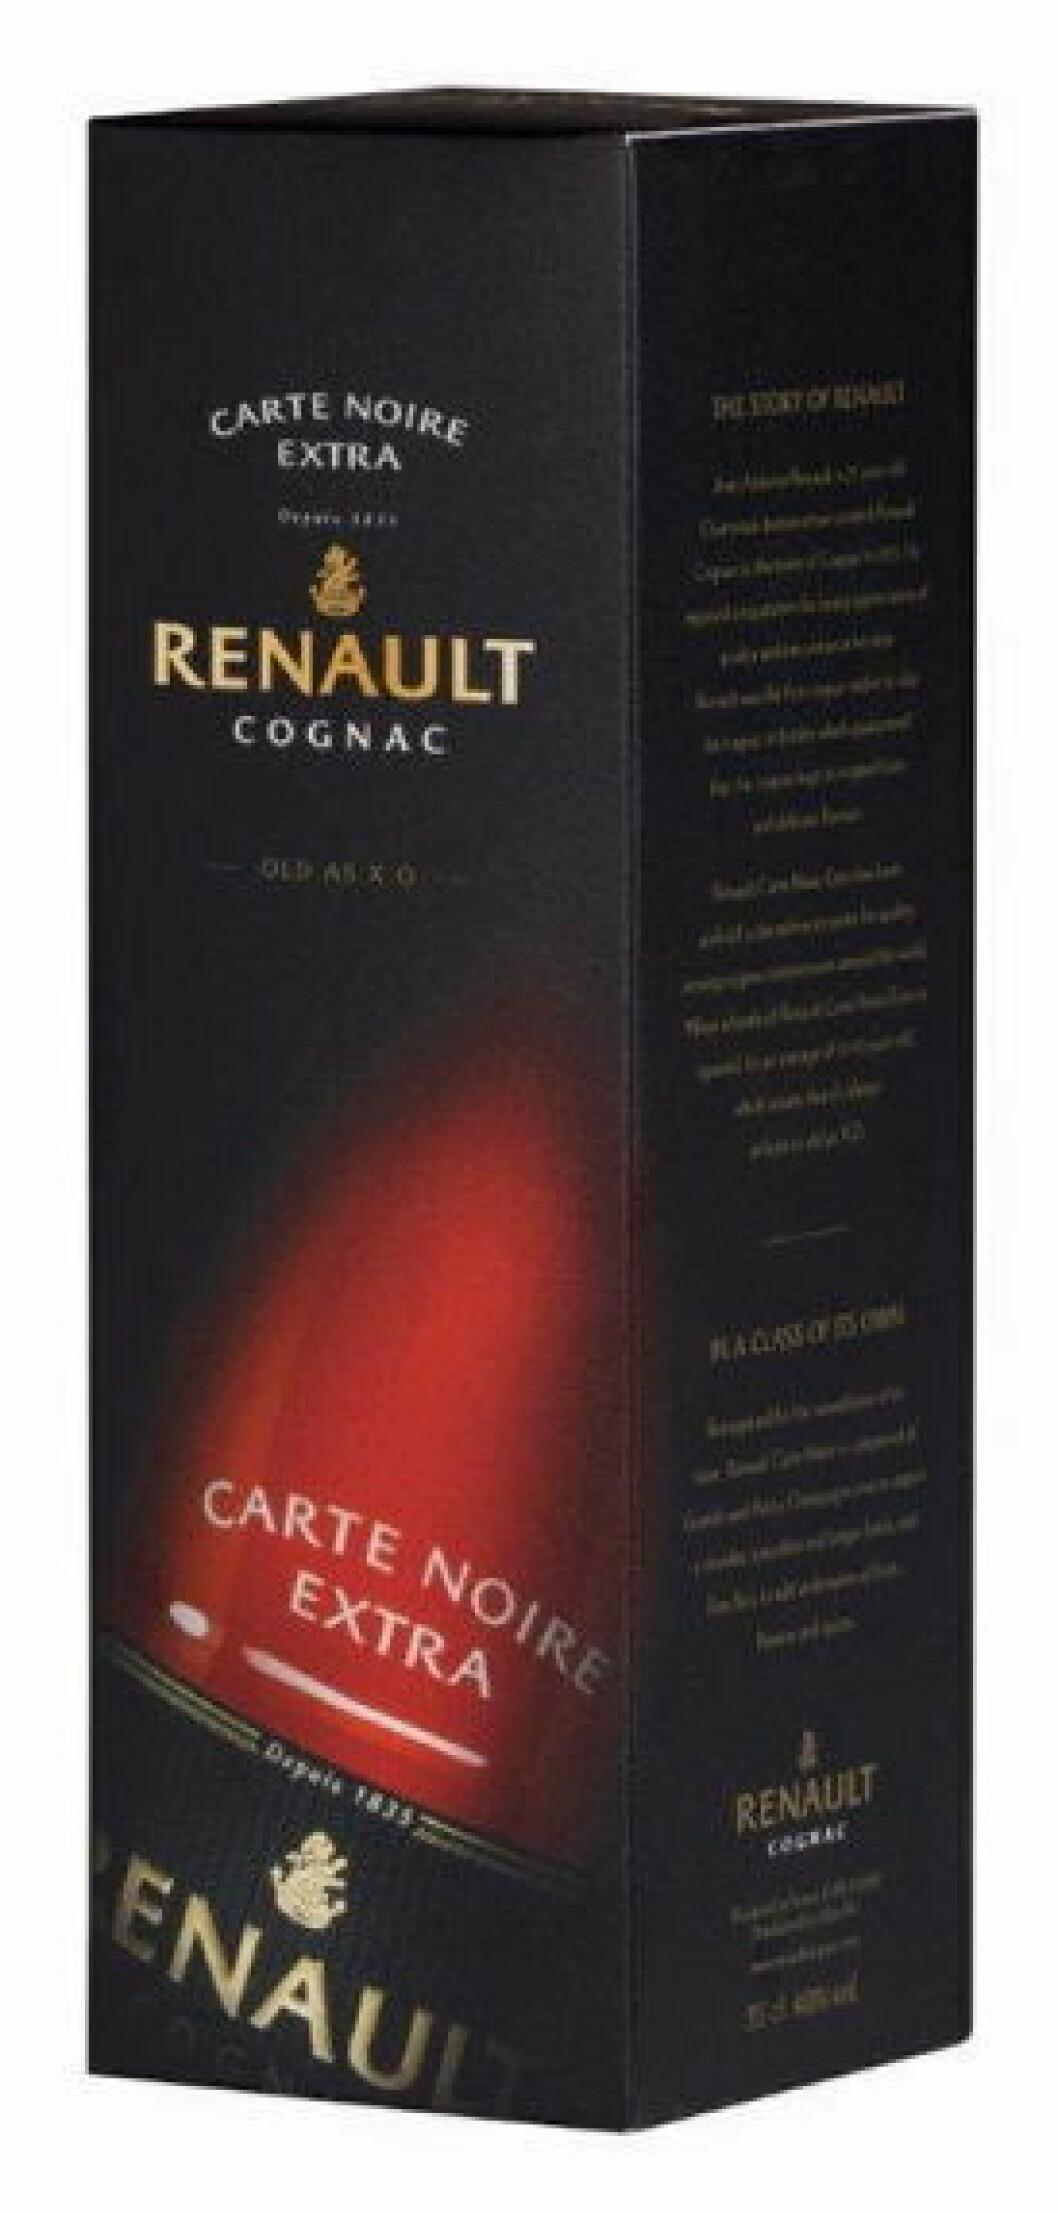 Renault gaveeske julen 2013 2